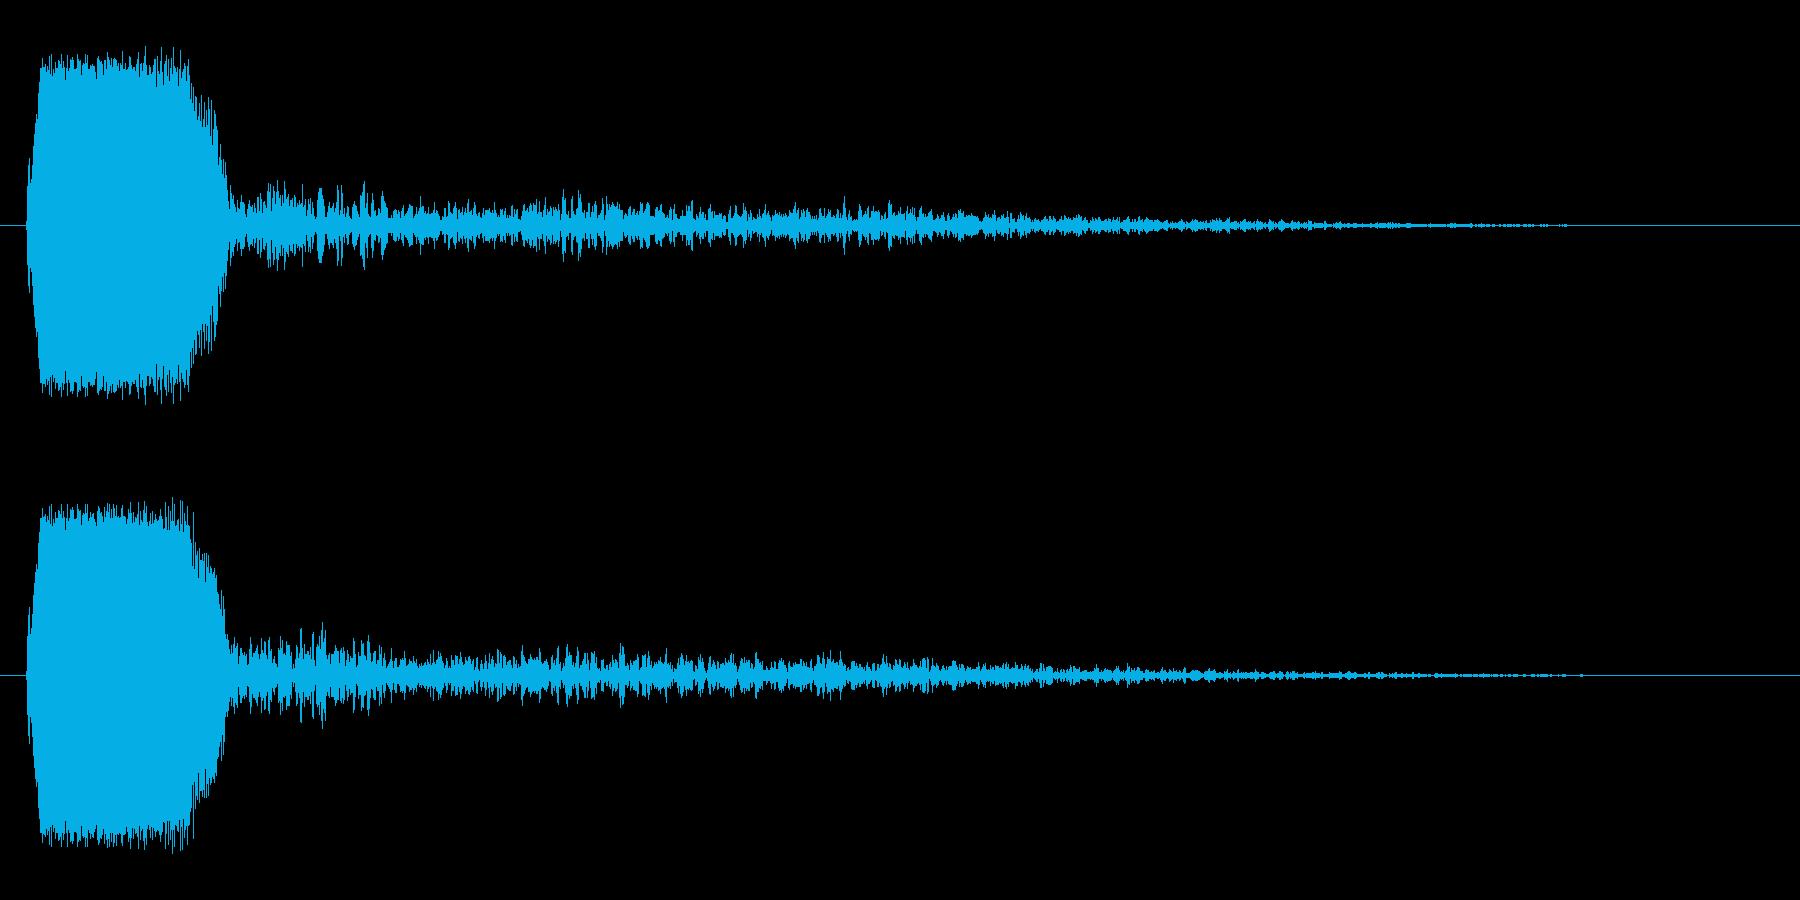 短くて高いさえずりのような音の再生済みの波形